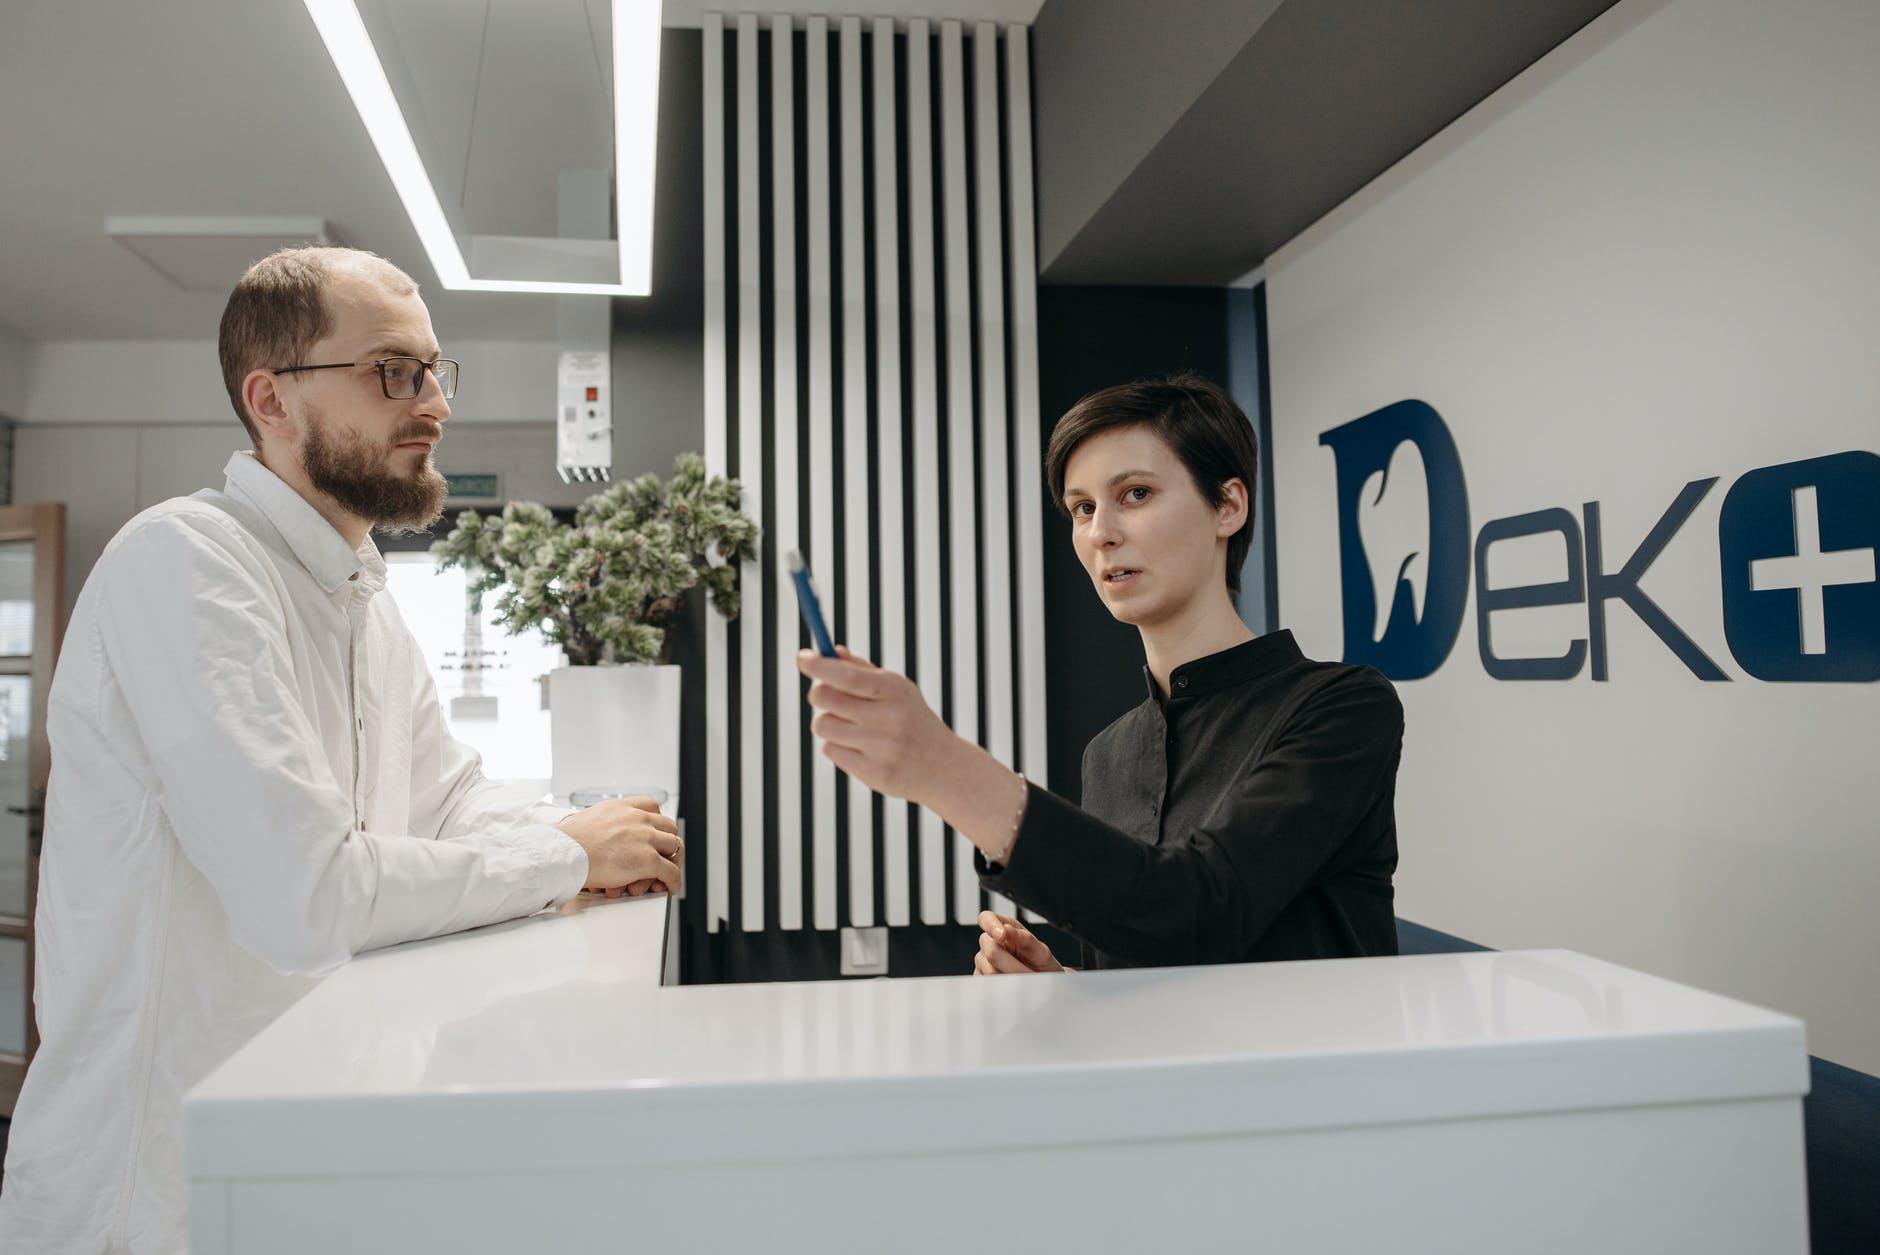 sustentabilidade no consultório odontológico